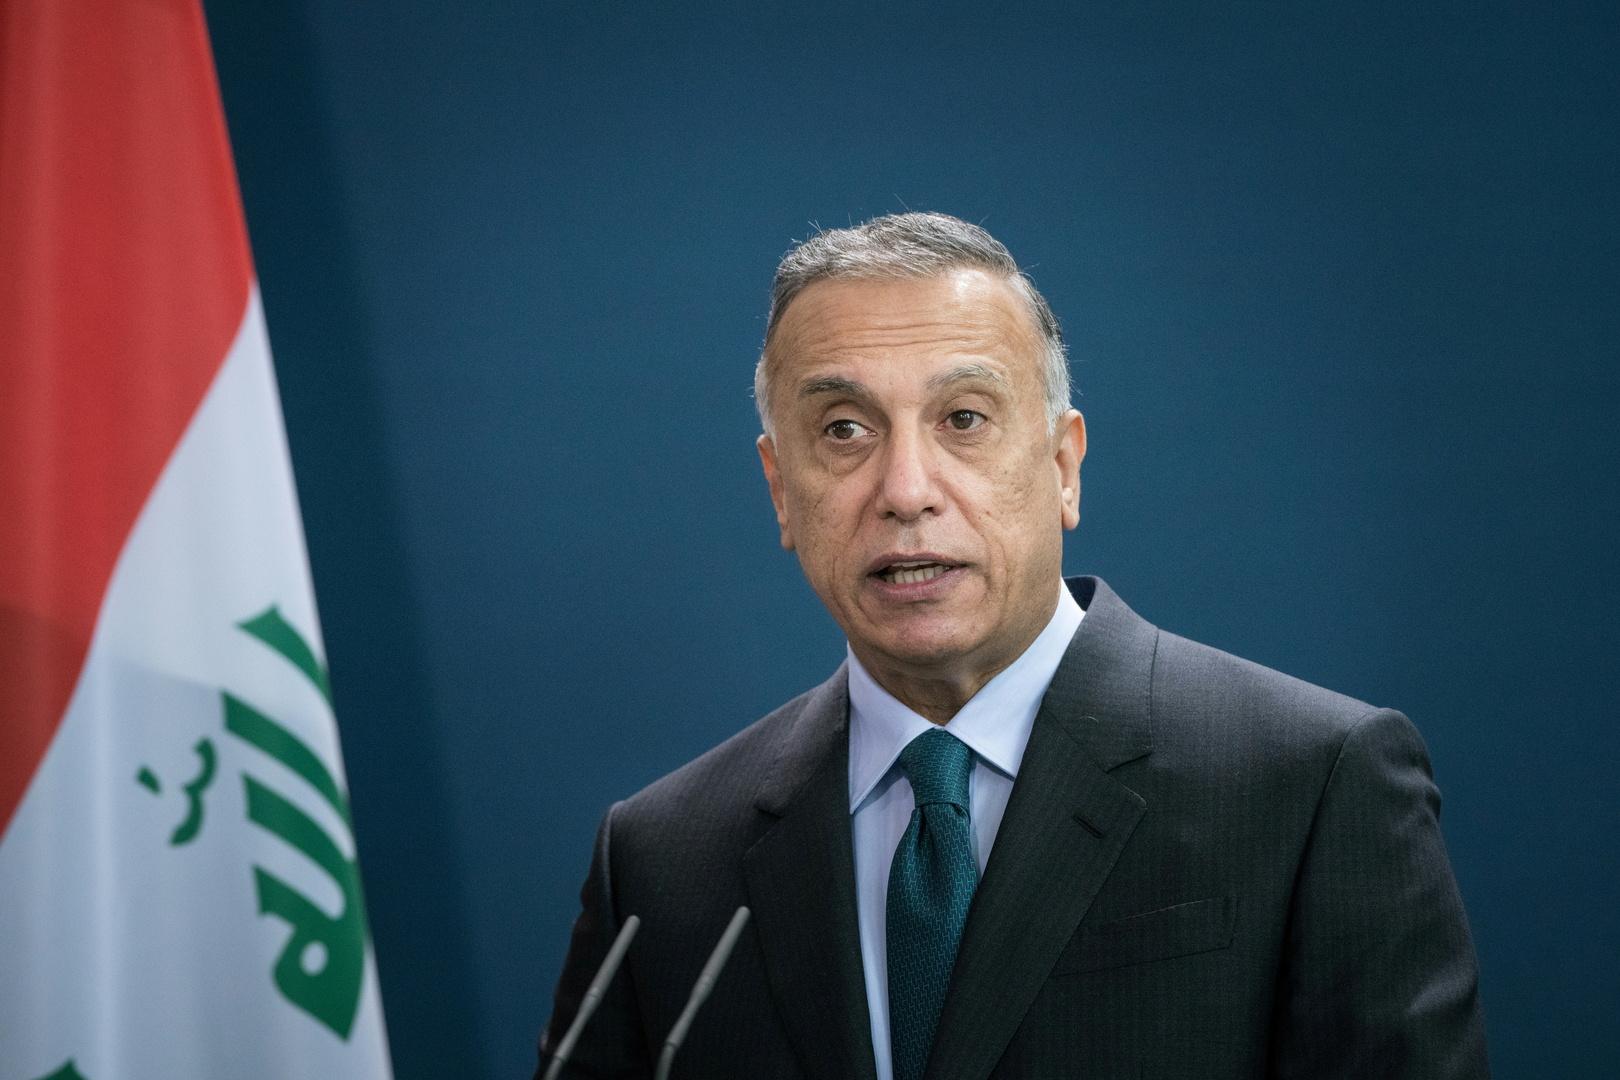 وزير الخارجية العراقي: جولة الحوار الرابعة بين بغداد وواشنطن ستكون الأخيرة